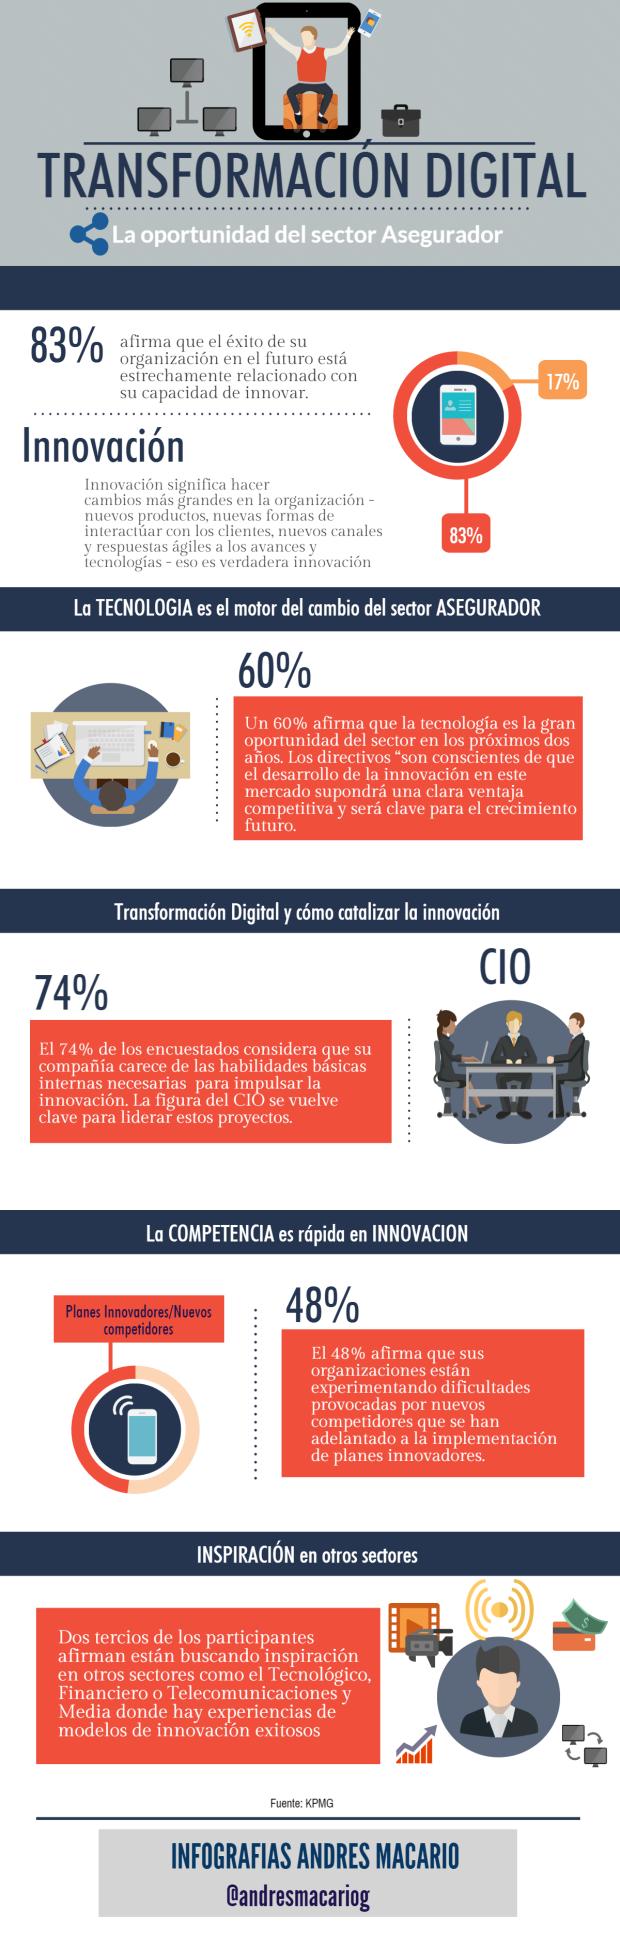 Transformación digital: oportunidad para el Sector Asegurador